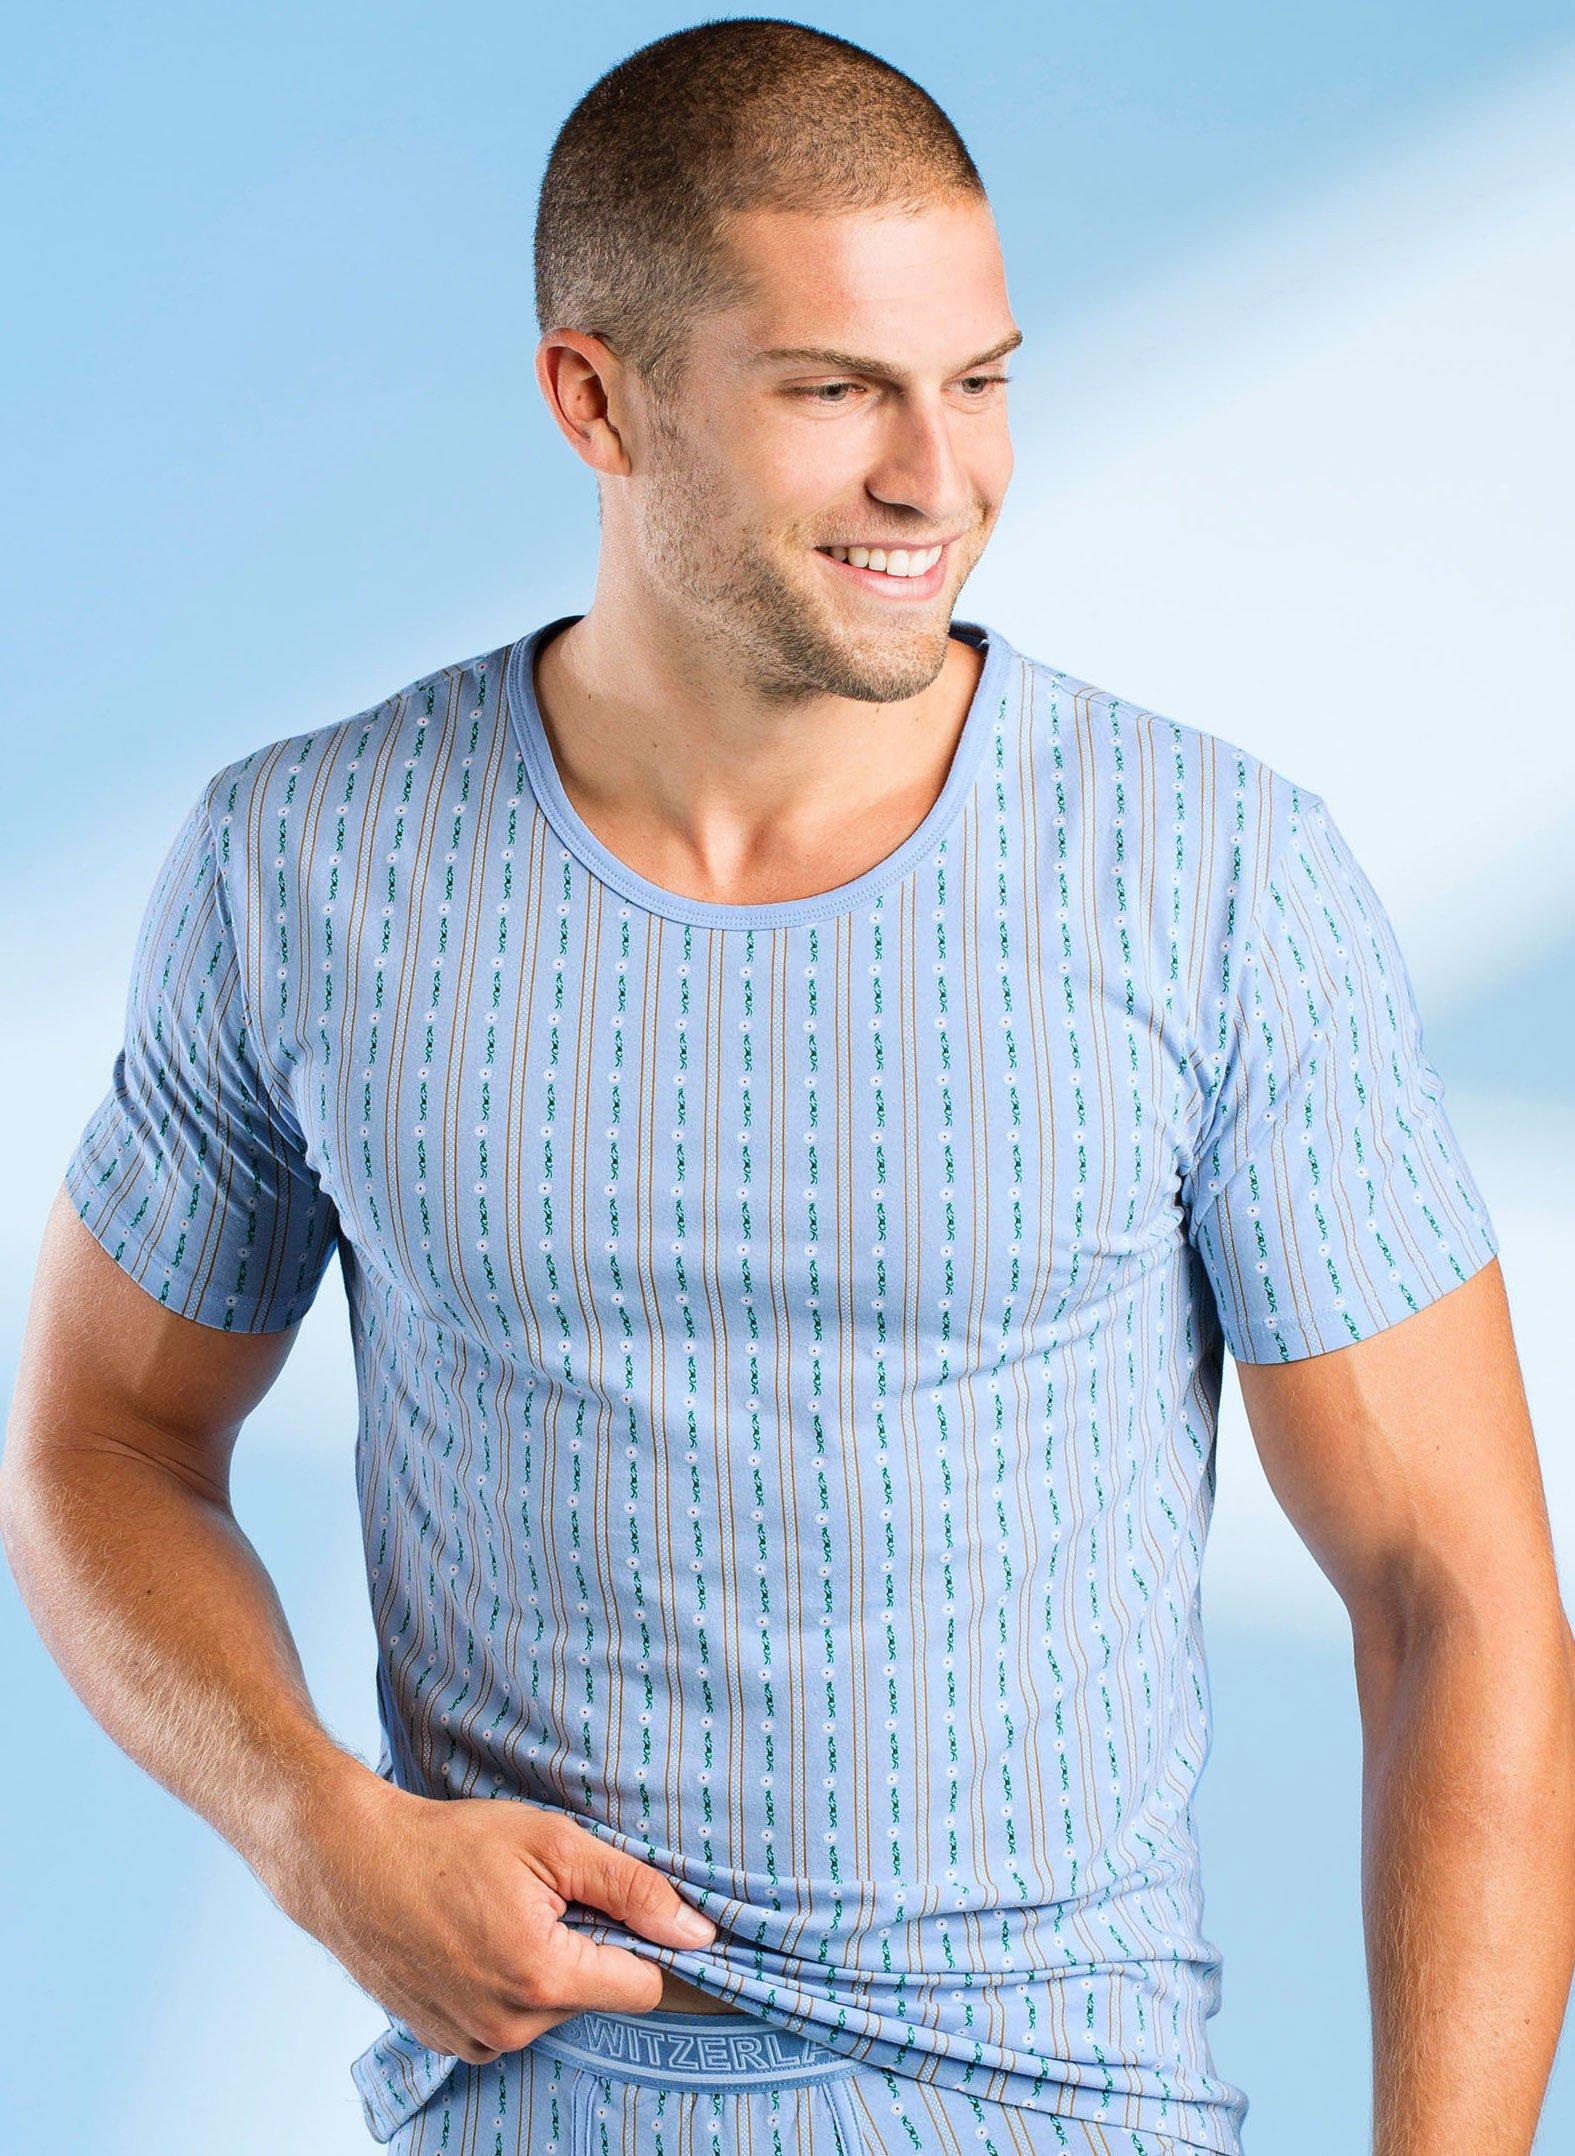 H-KA-Shirt,Edelweiss,2Set,ciel L 051 - 1 - Ronja.ch